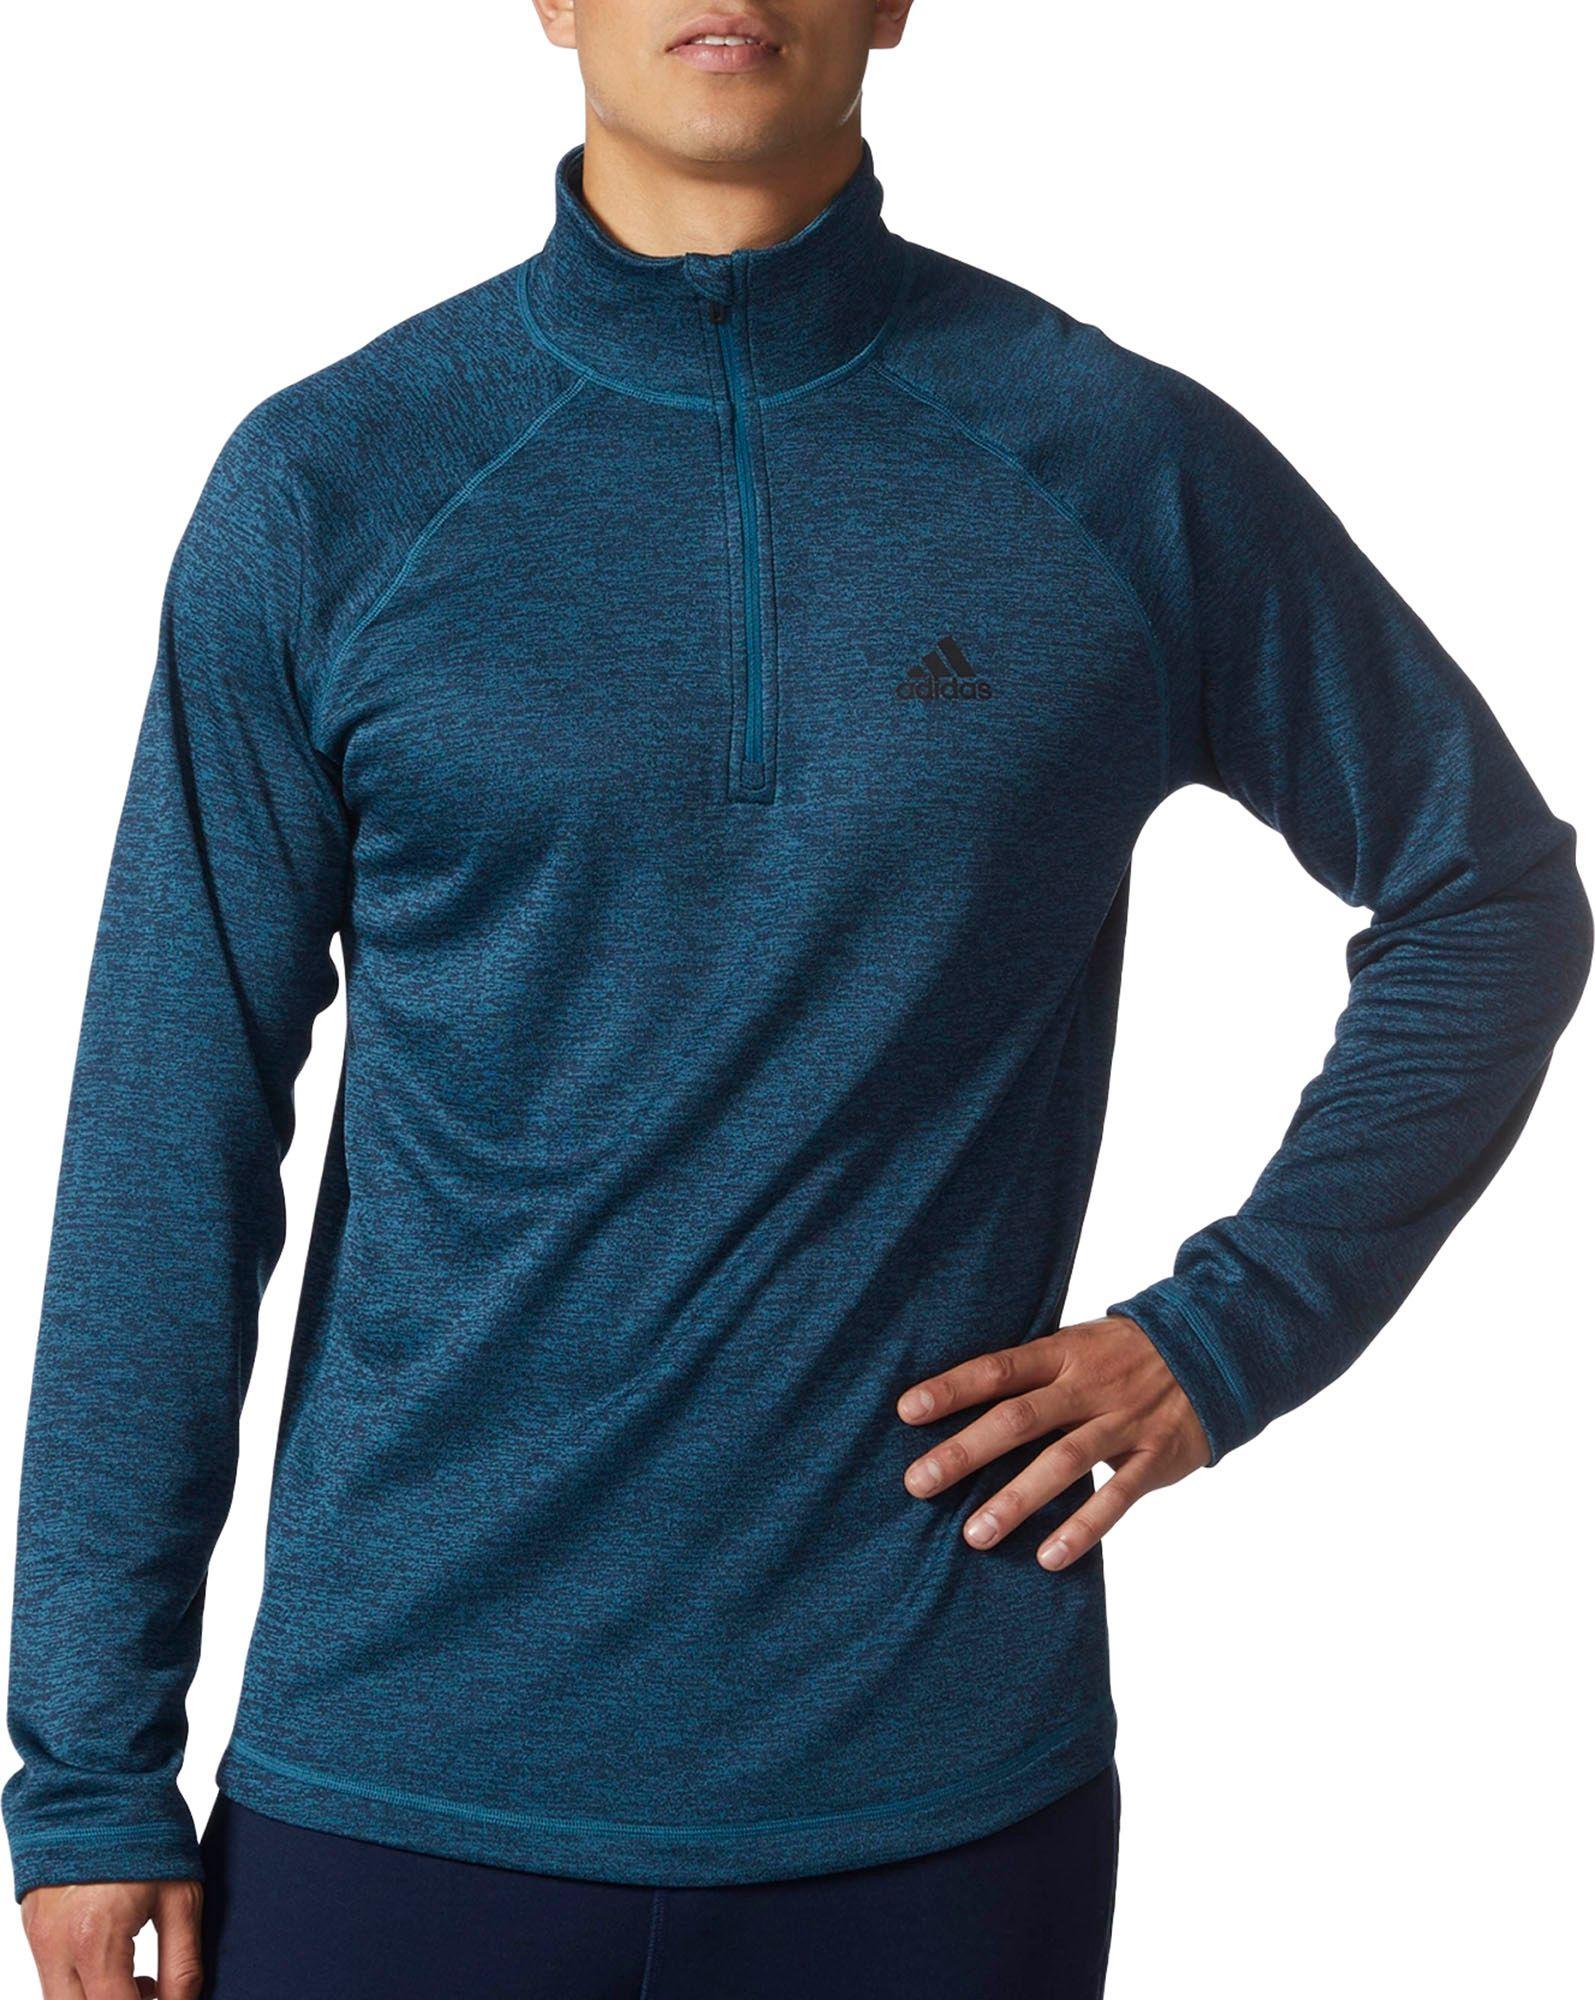 Adidas uomini speedx quarto la camicia a maniche lunghe dick sportive